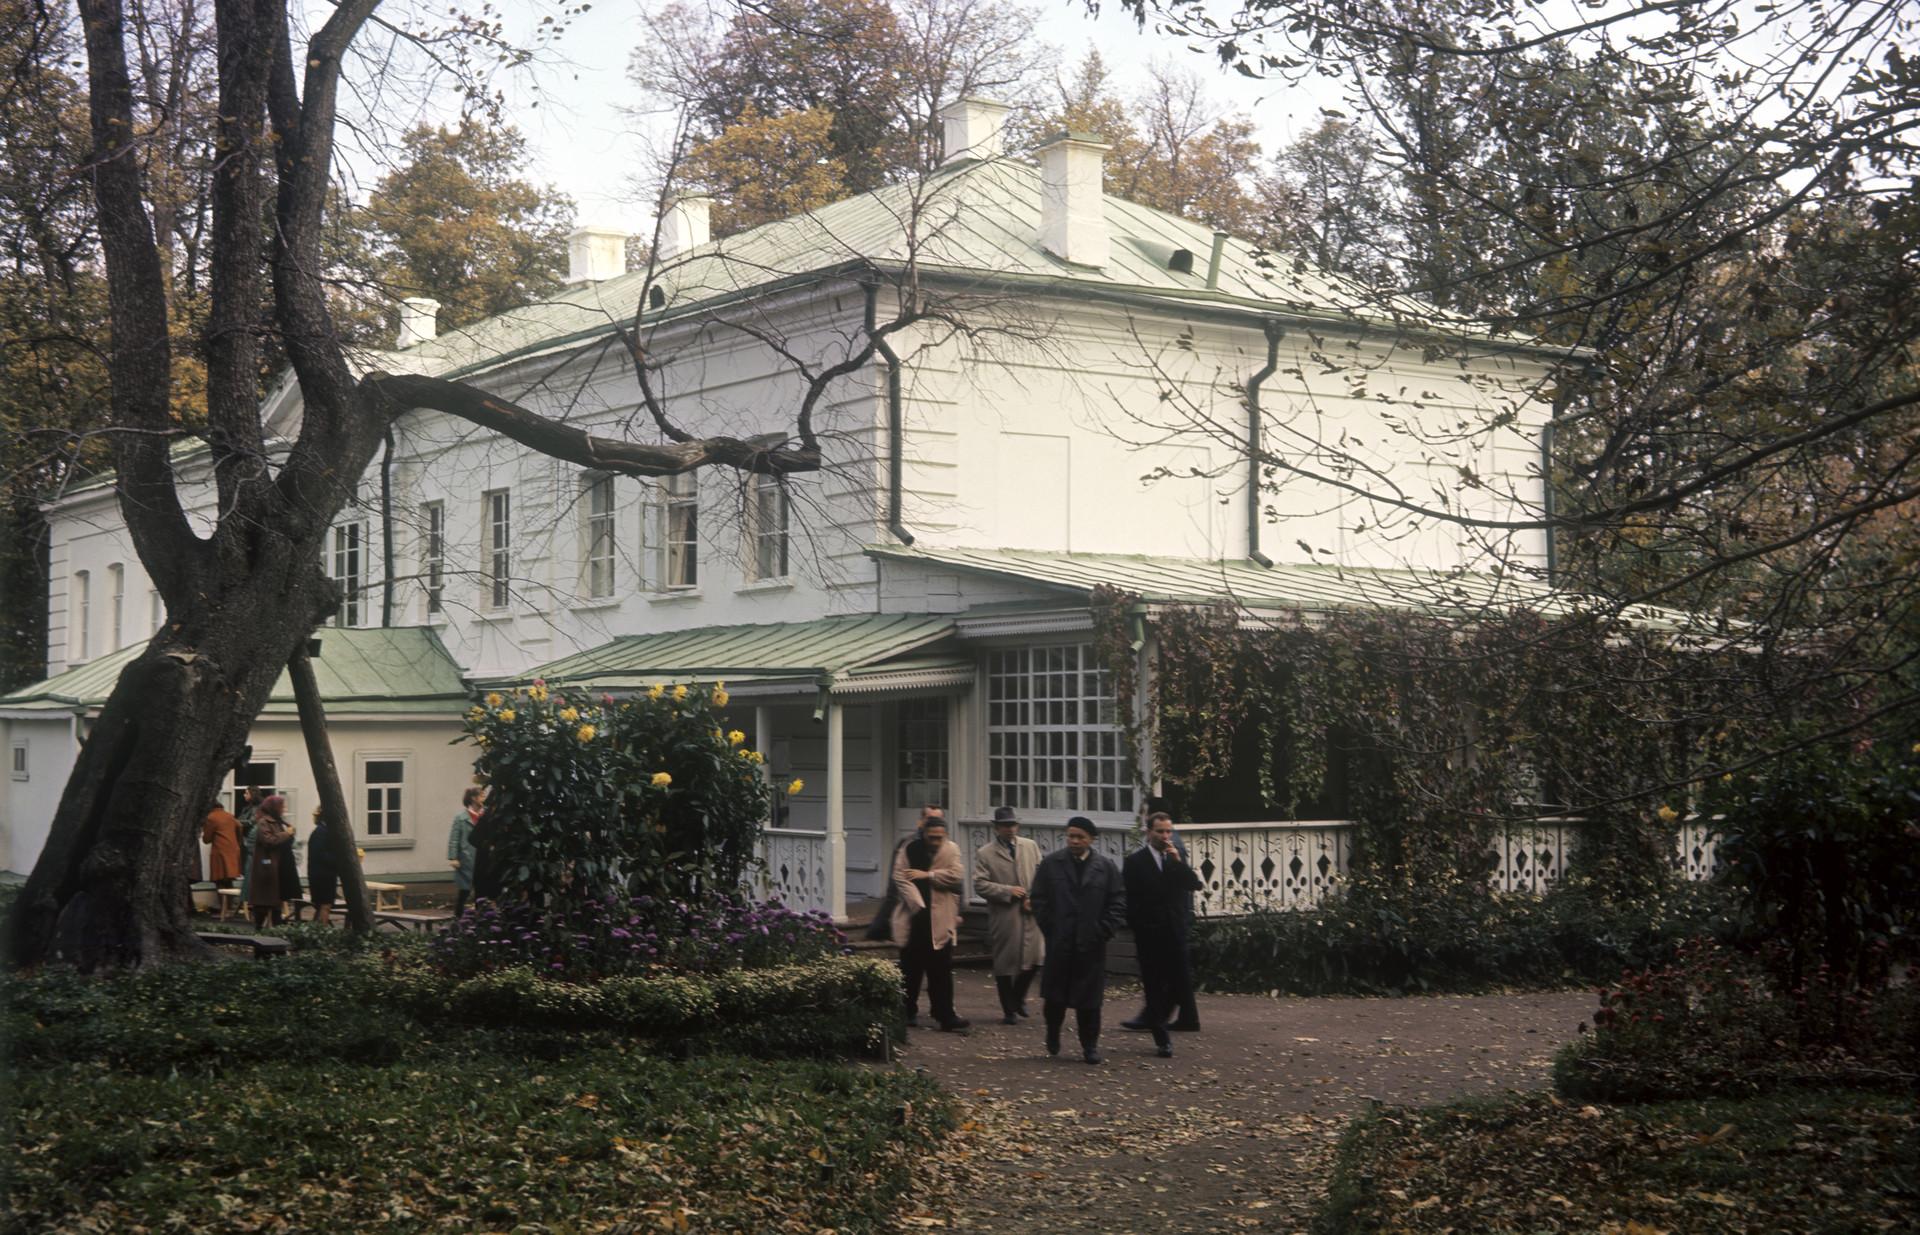 Hiša-muzej ruskega pisatelja Leva Tolstoja. Državni spominski in naravni rezervat